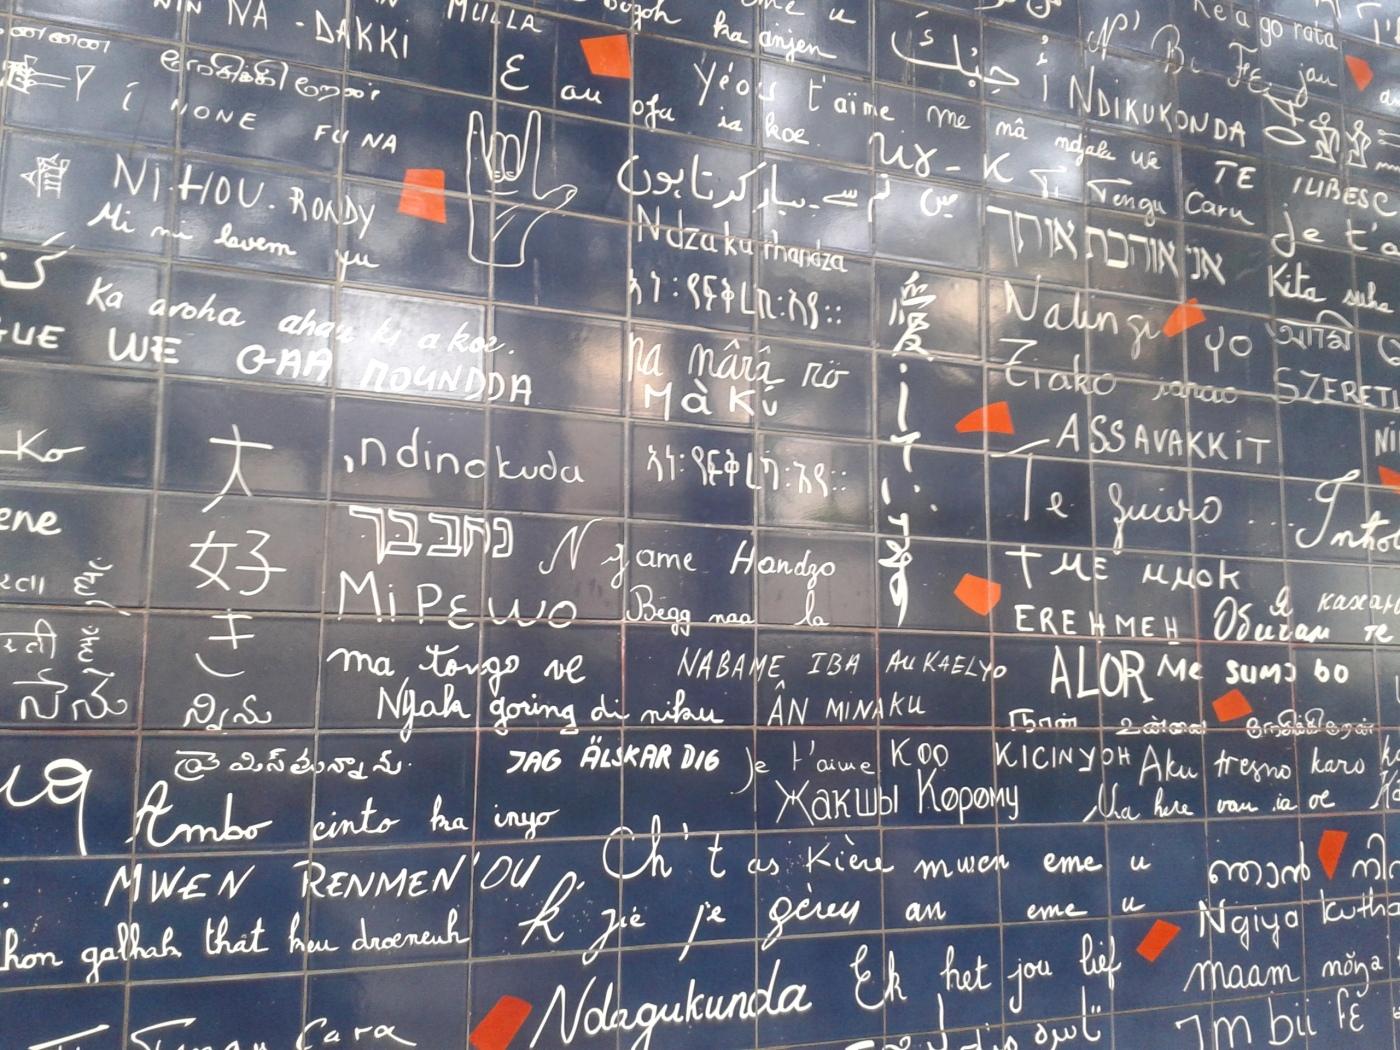 Le Mur des je t'aime. Œuvre murale de  311 « je t'aime » en 250 langues ! (Postée pour la semaine de la solidarité internationale)